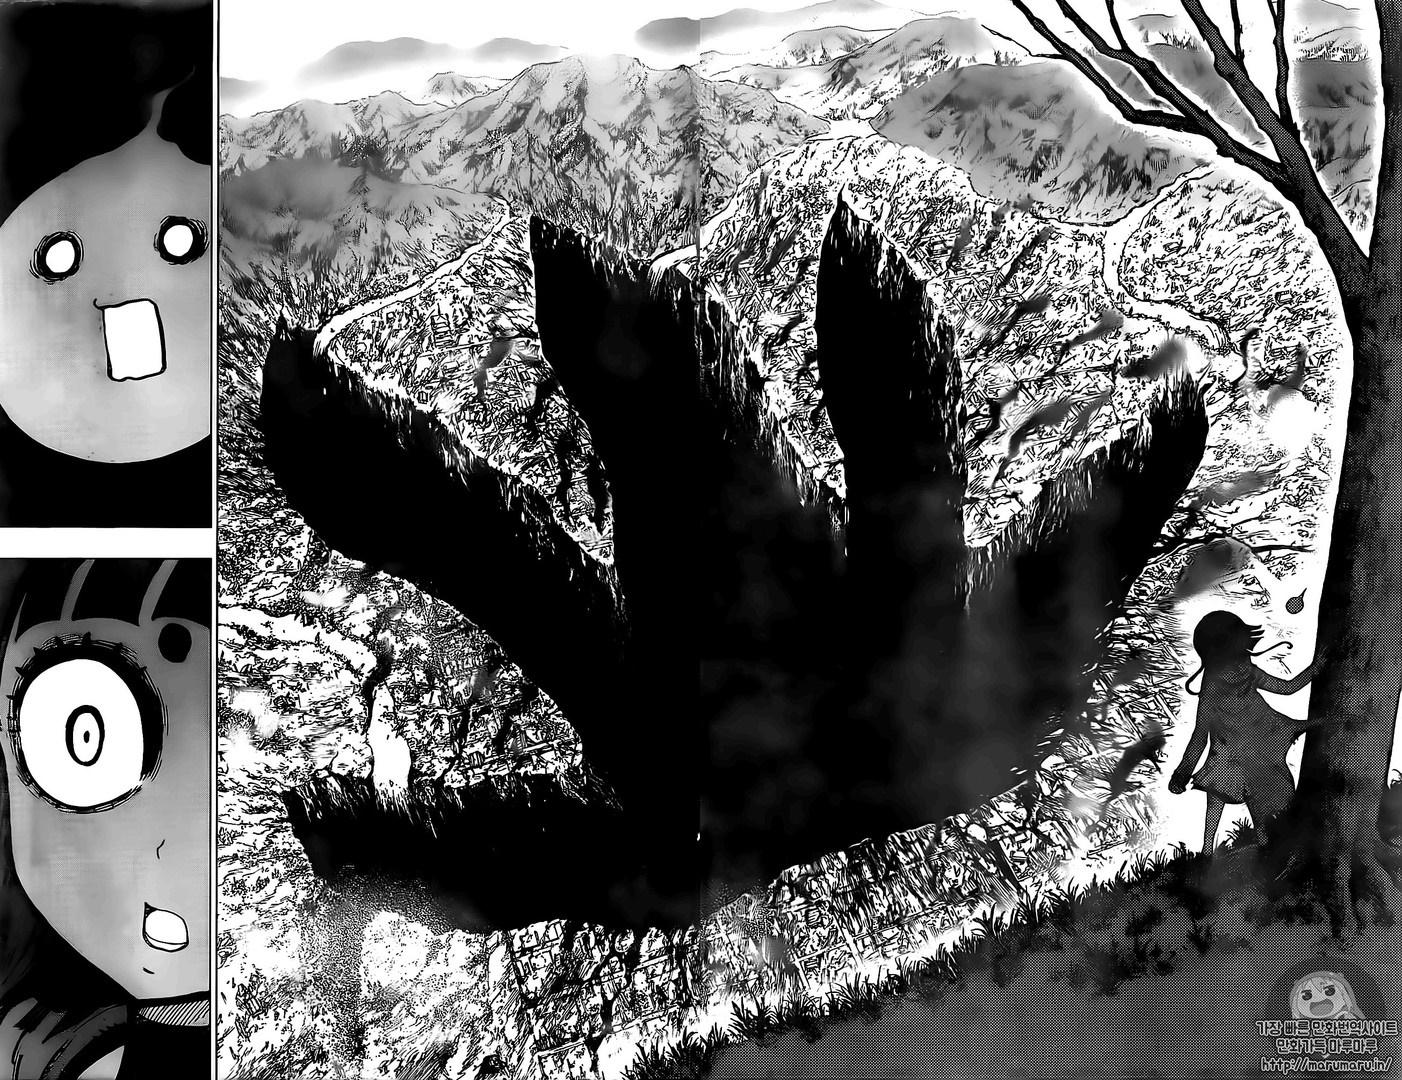 우라타로 17화의 10번째 이미지, 표시되지않는다면 오류제보부탁드려요!